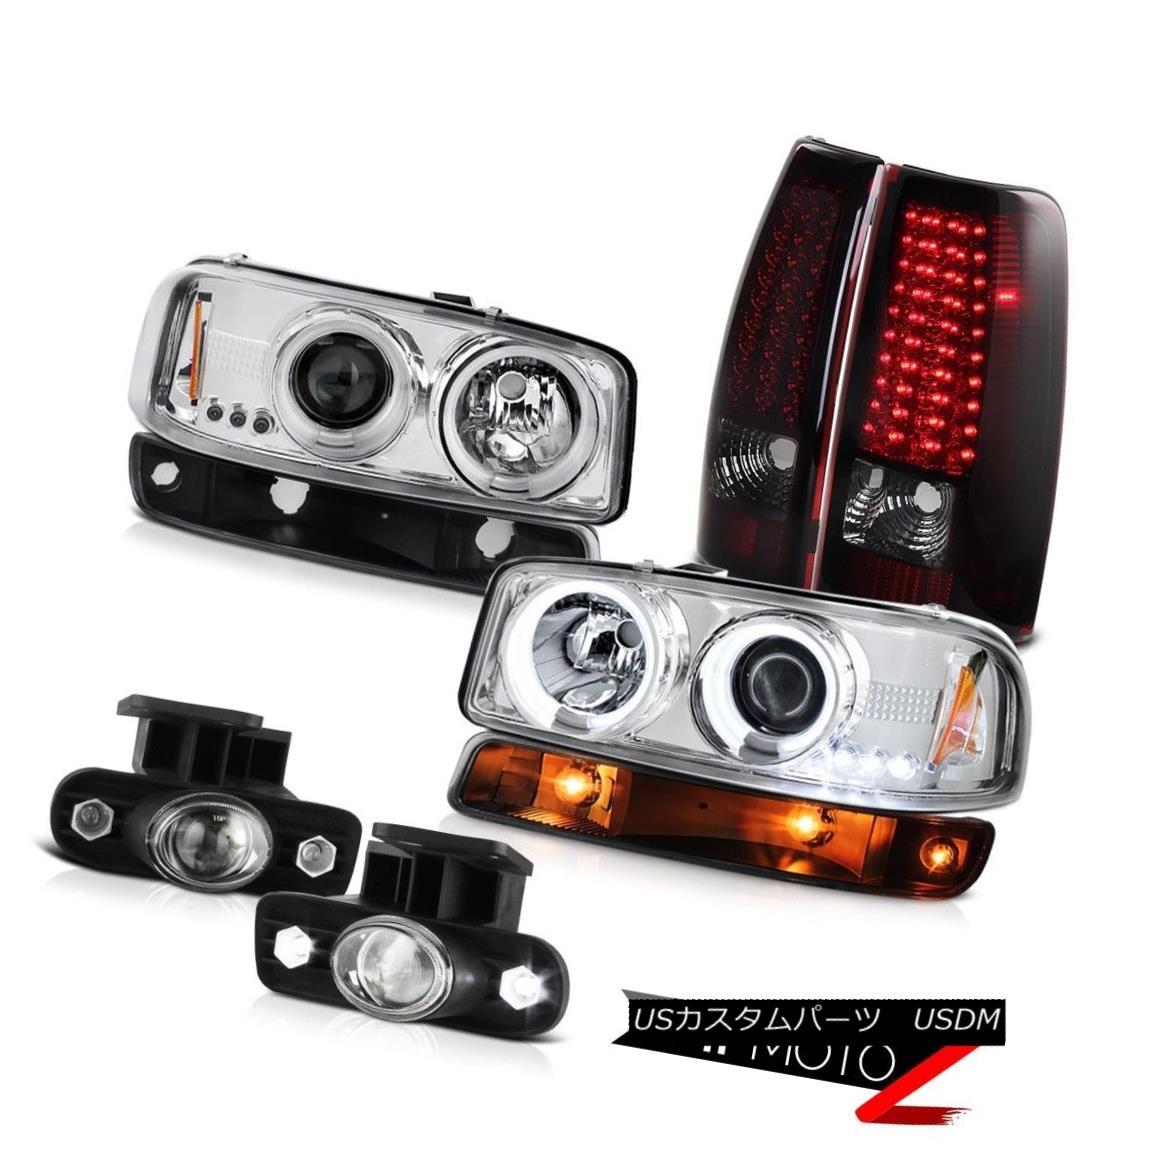 テールライト 1999-2002 Sierra SLE Foglights rear smd brake lamps signal light ccfl headlights 1999-2002シエラSLEフォグライトリヤおよびブレーキランプ信号光ccflヘッドライト